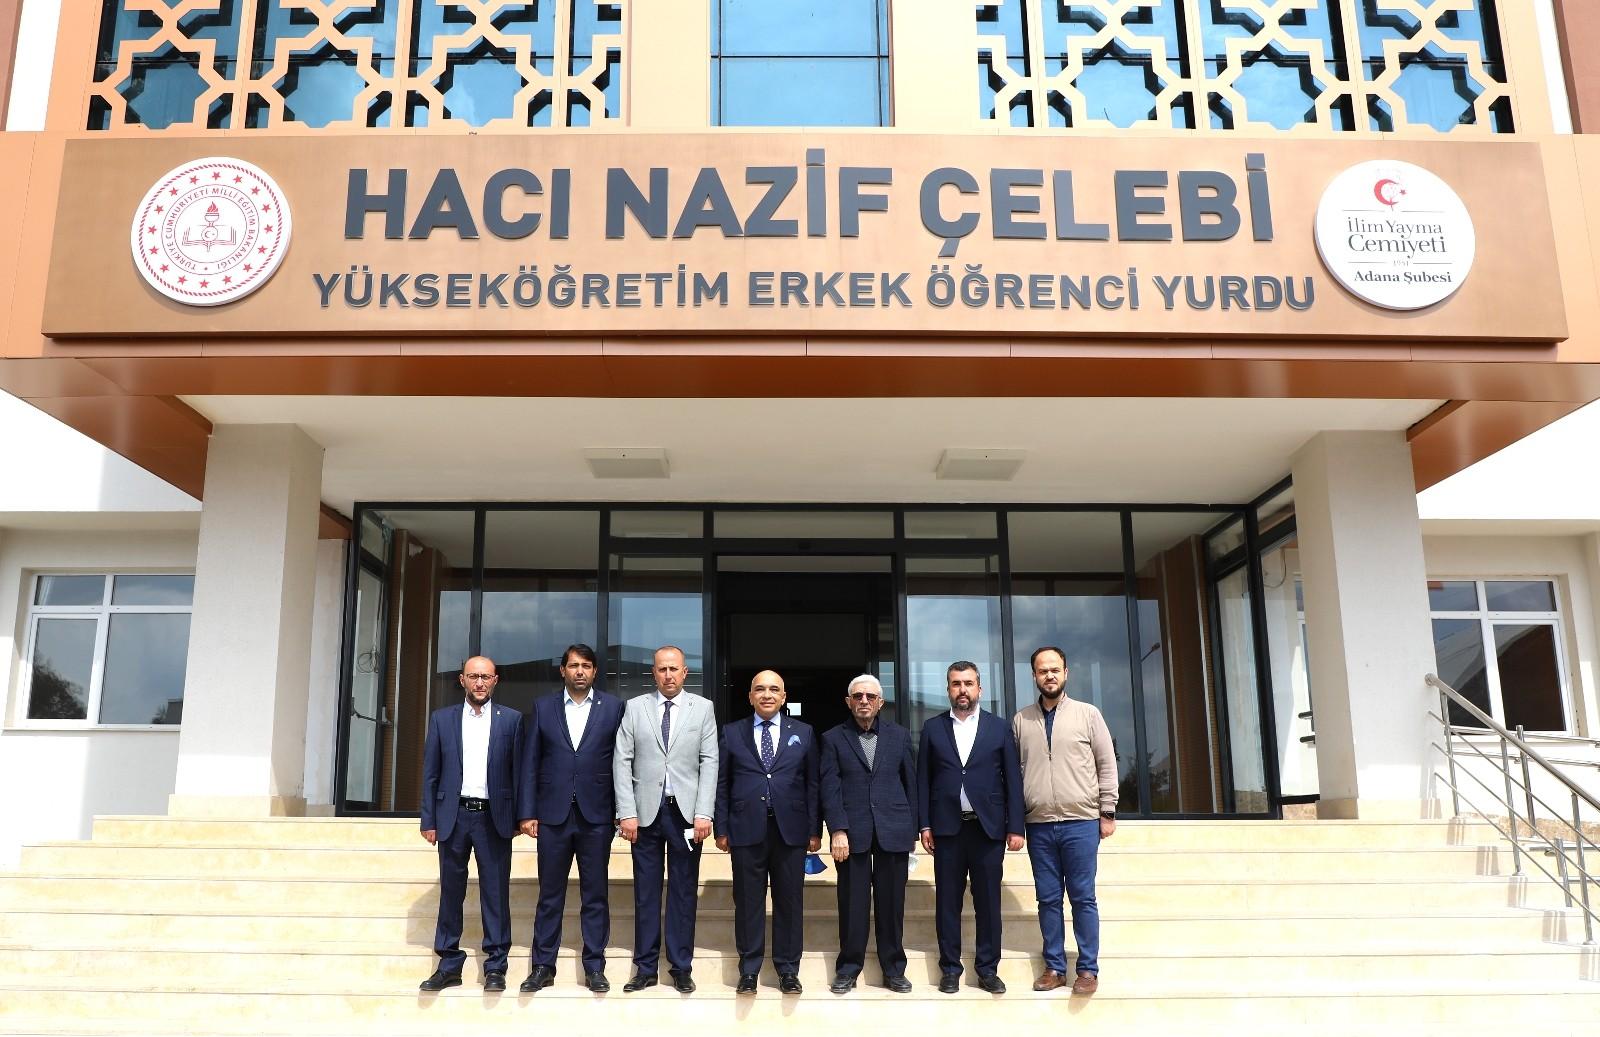 İlim Yayma Cemiyeti Adana Şube Başkanlığına Çomu yeniden seçildi